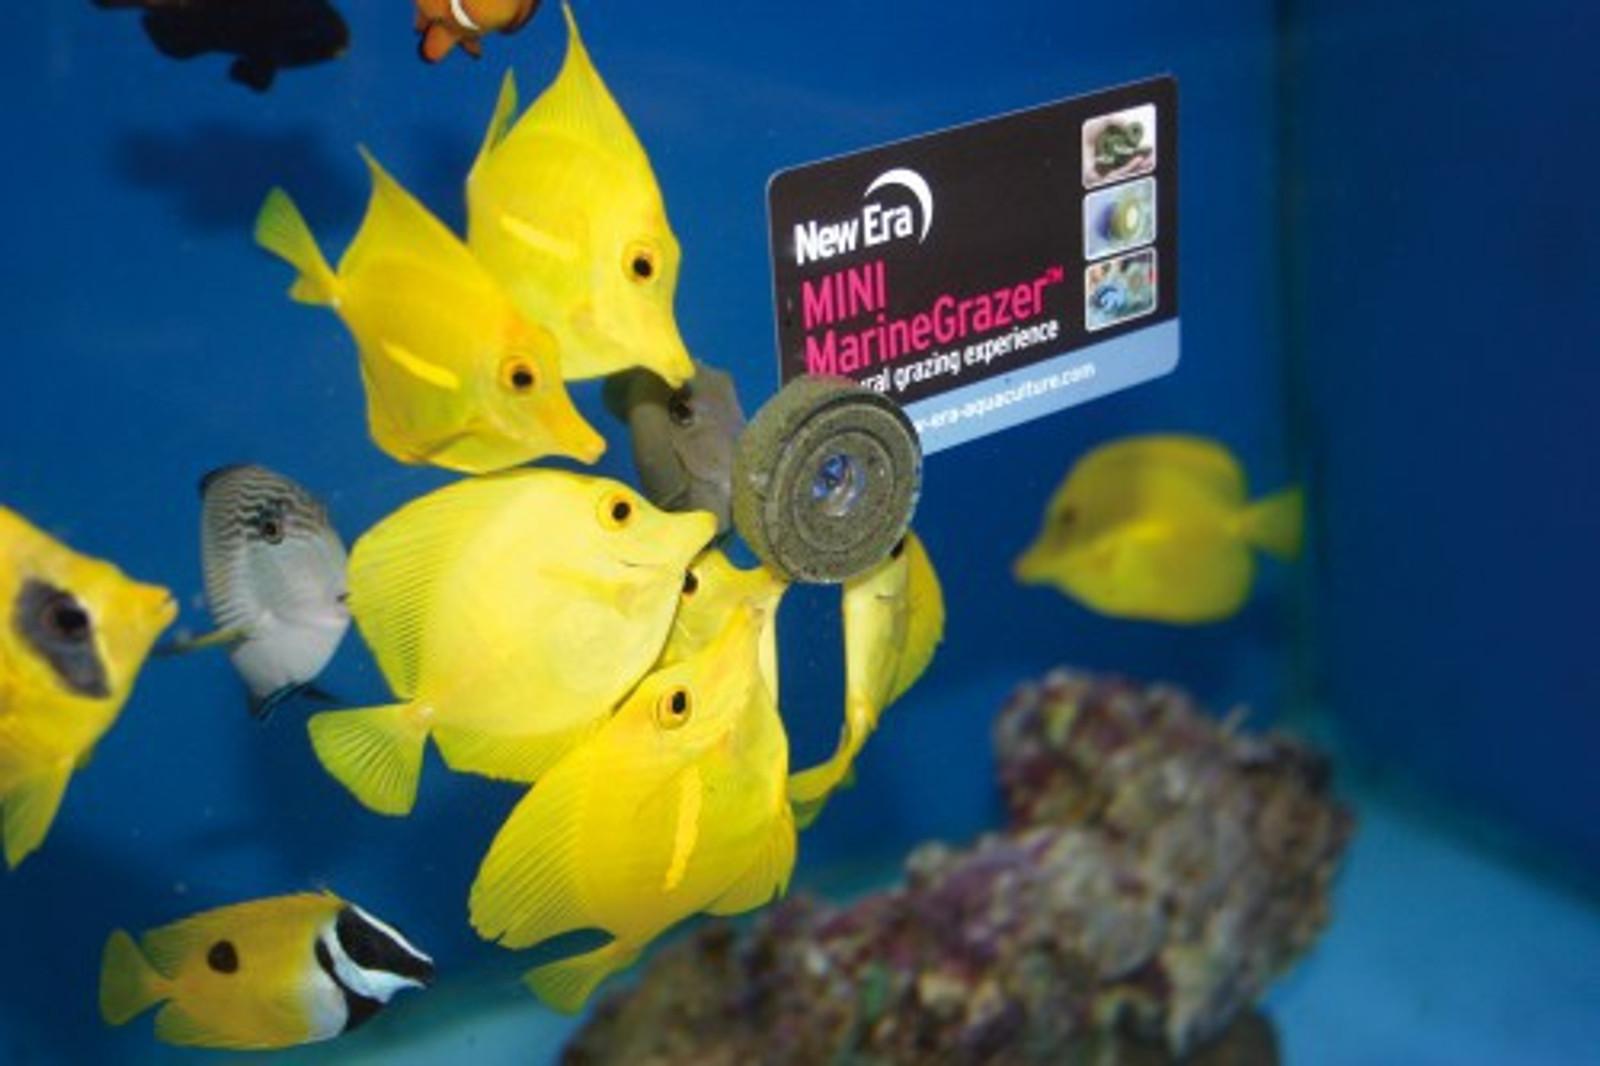 vitalis Marine Grazer 110 g, ca. 26 Stk. inkl. Saugnapf für Meerwasserfische – Bild 4